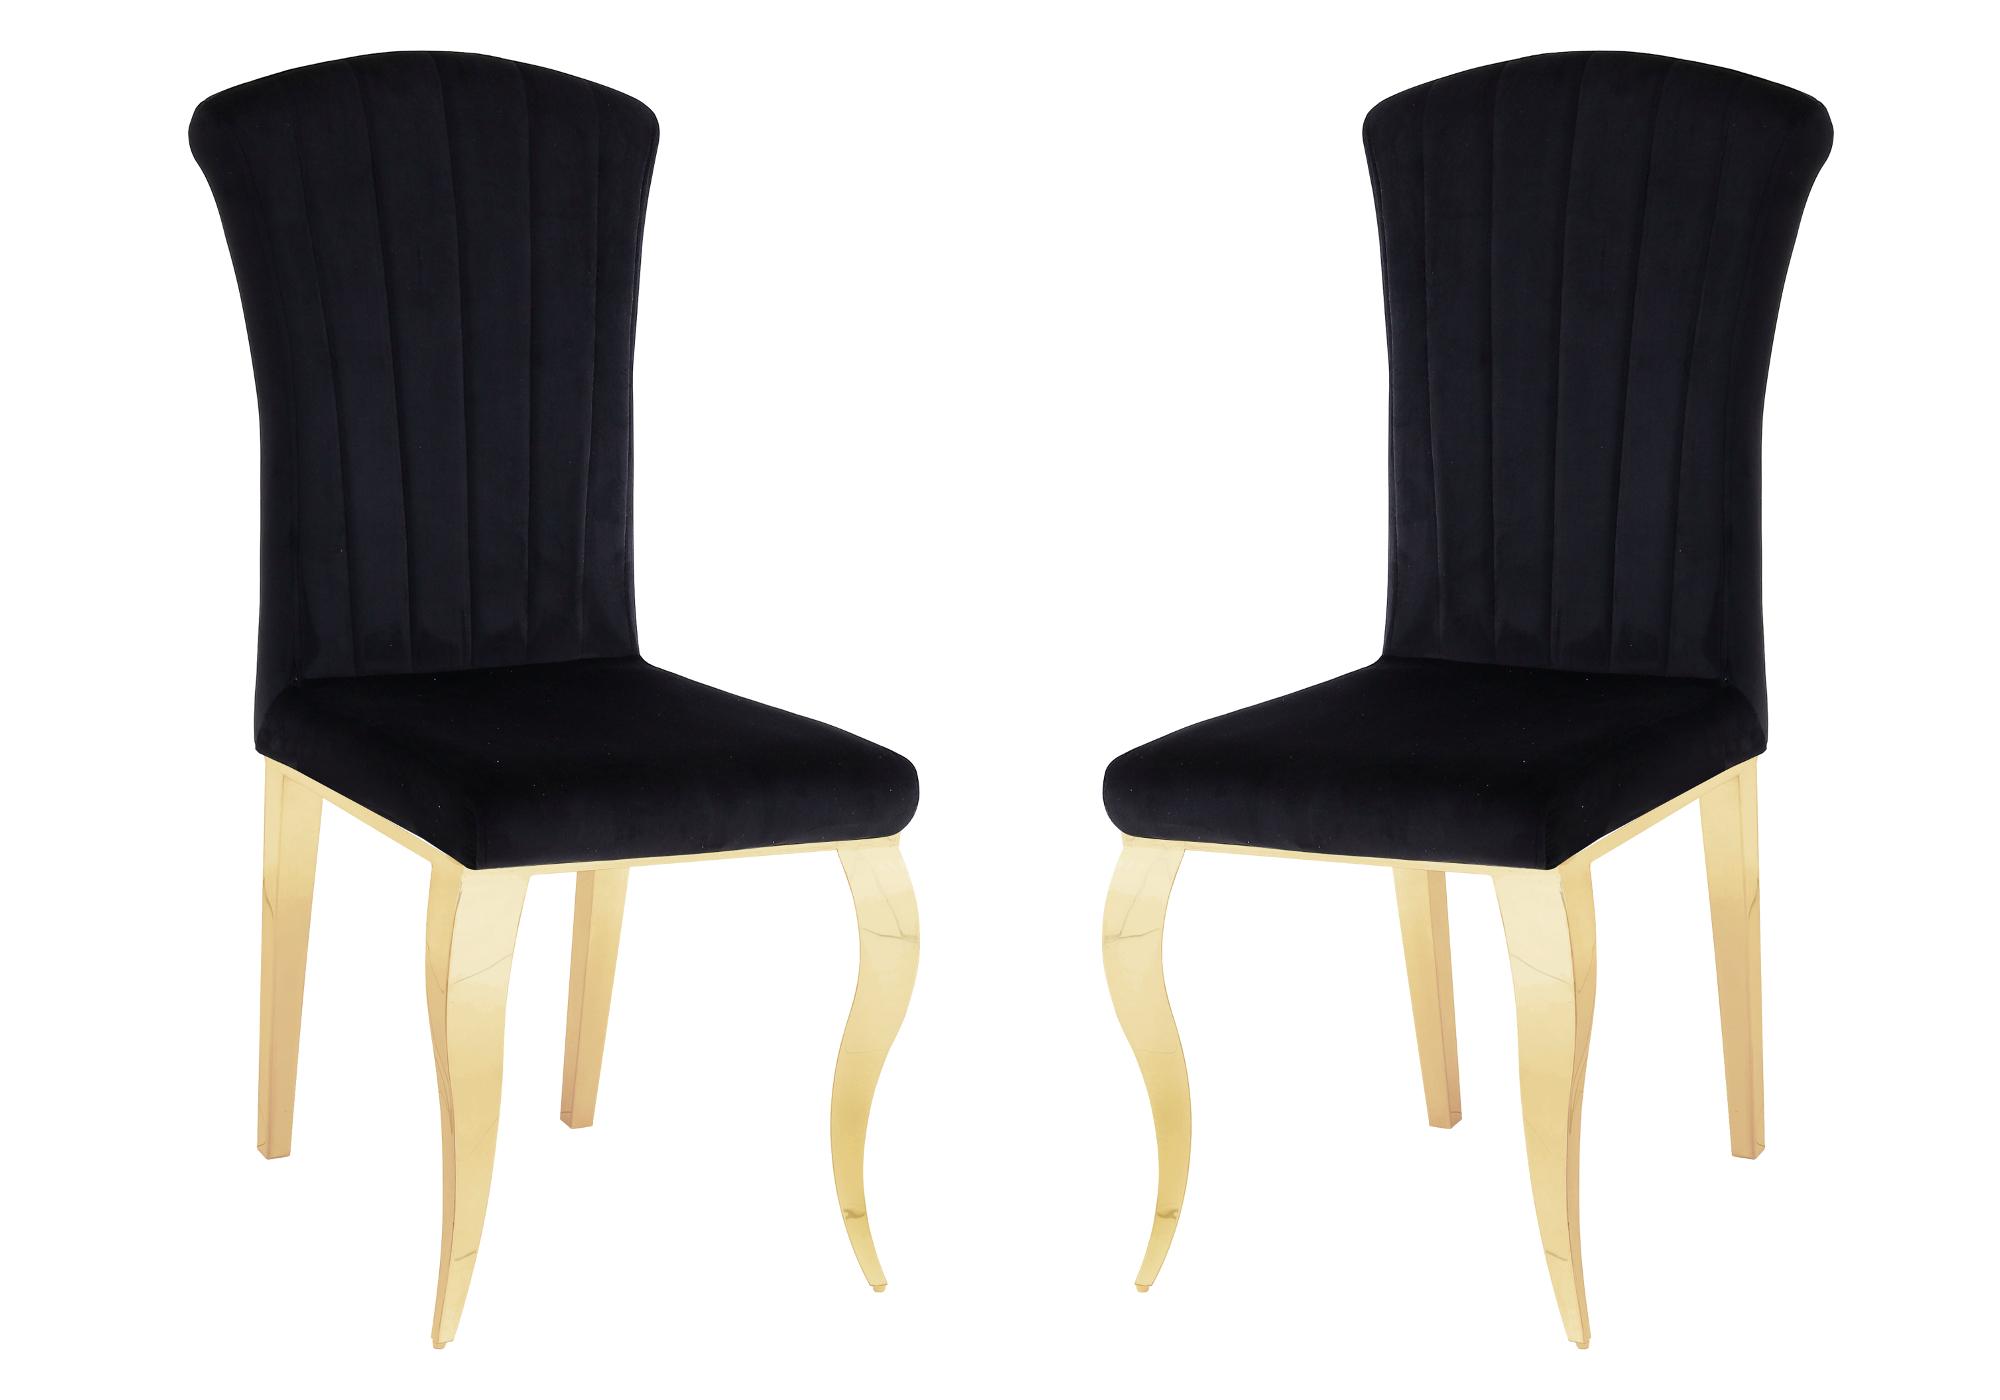 Chaises doré velours noir ÉNO